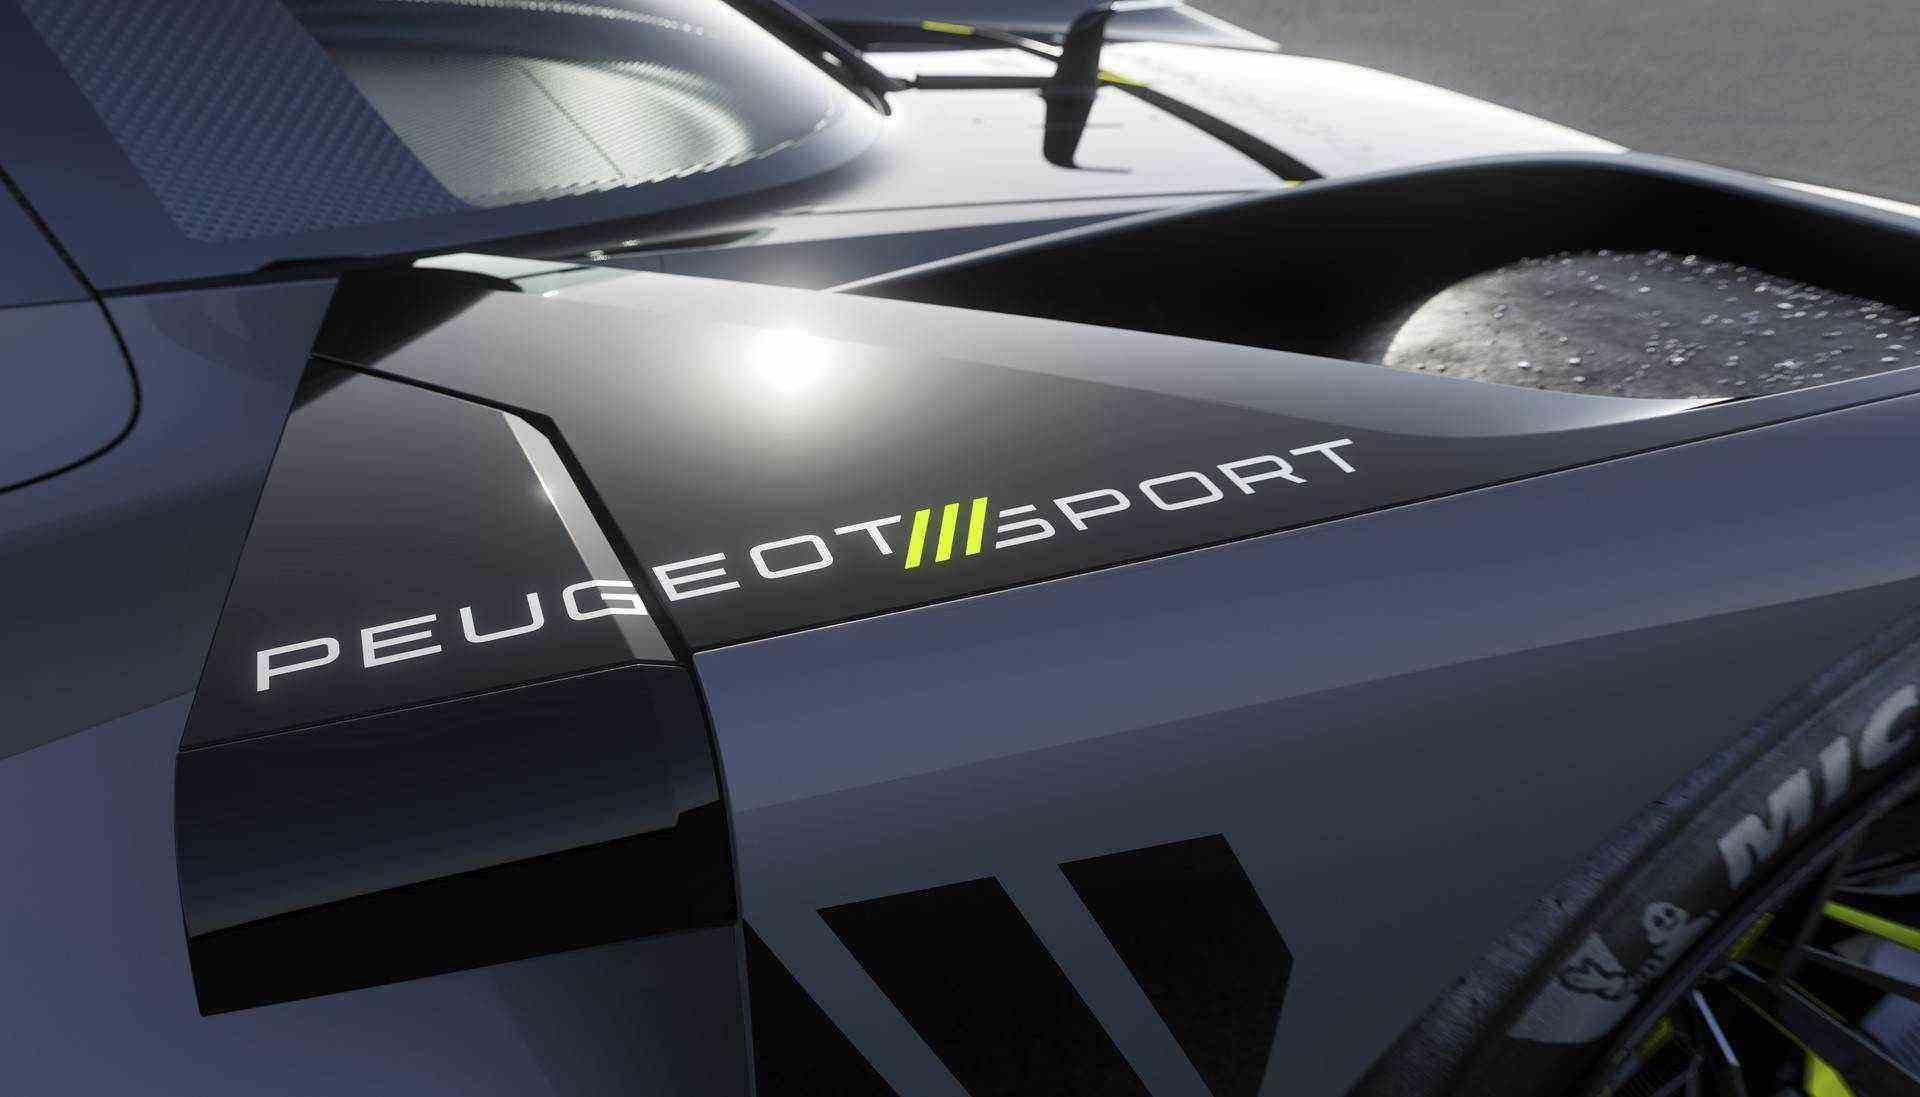 Peugeot_9X8_Hypercar-0007